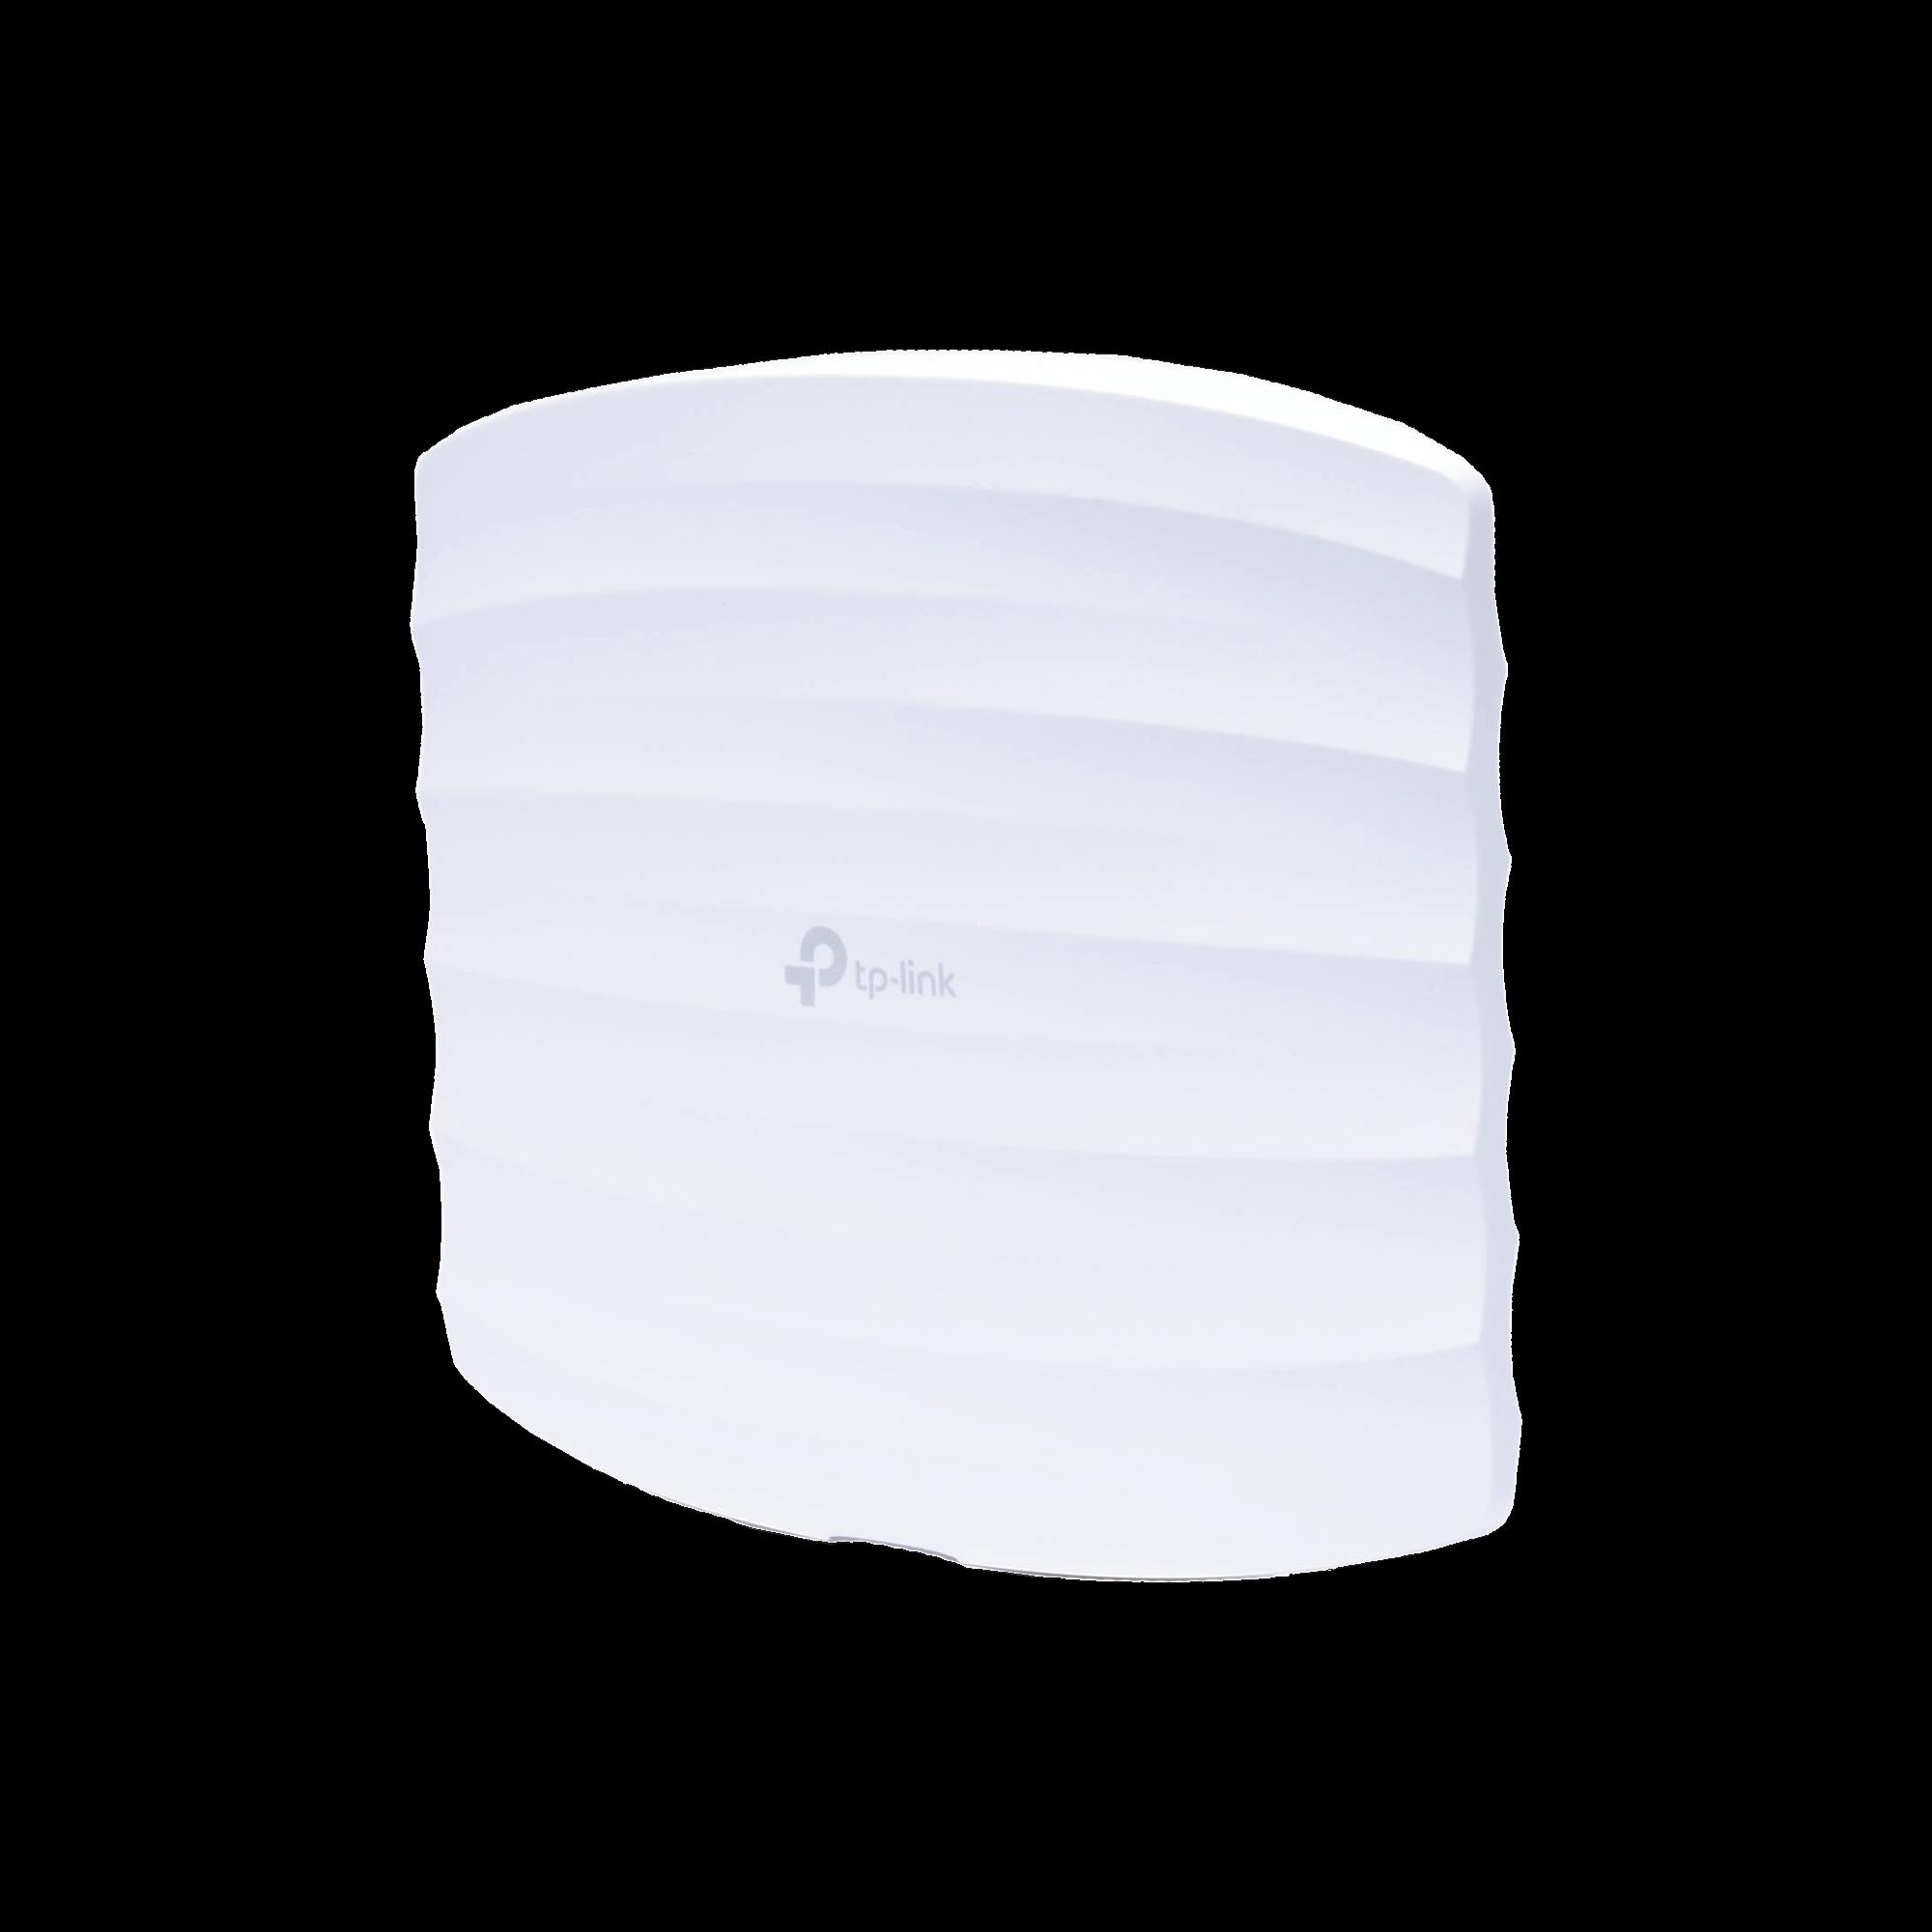 Punto de Acceso Omada doble banda 802.11ac, MU-MIMO, PoE af y PoE Pasivo, soporta hasta 100 clientes, hasta 1750 Mbps.